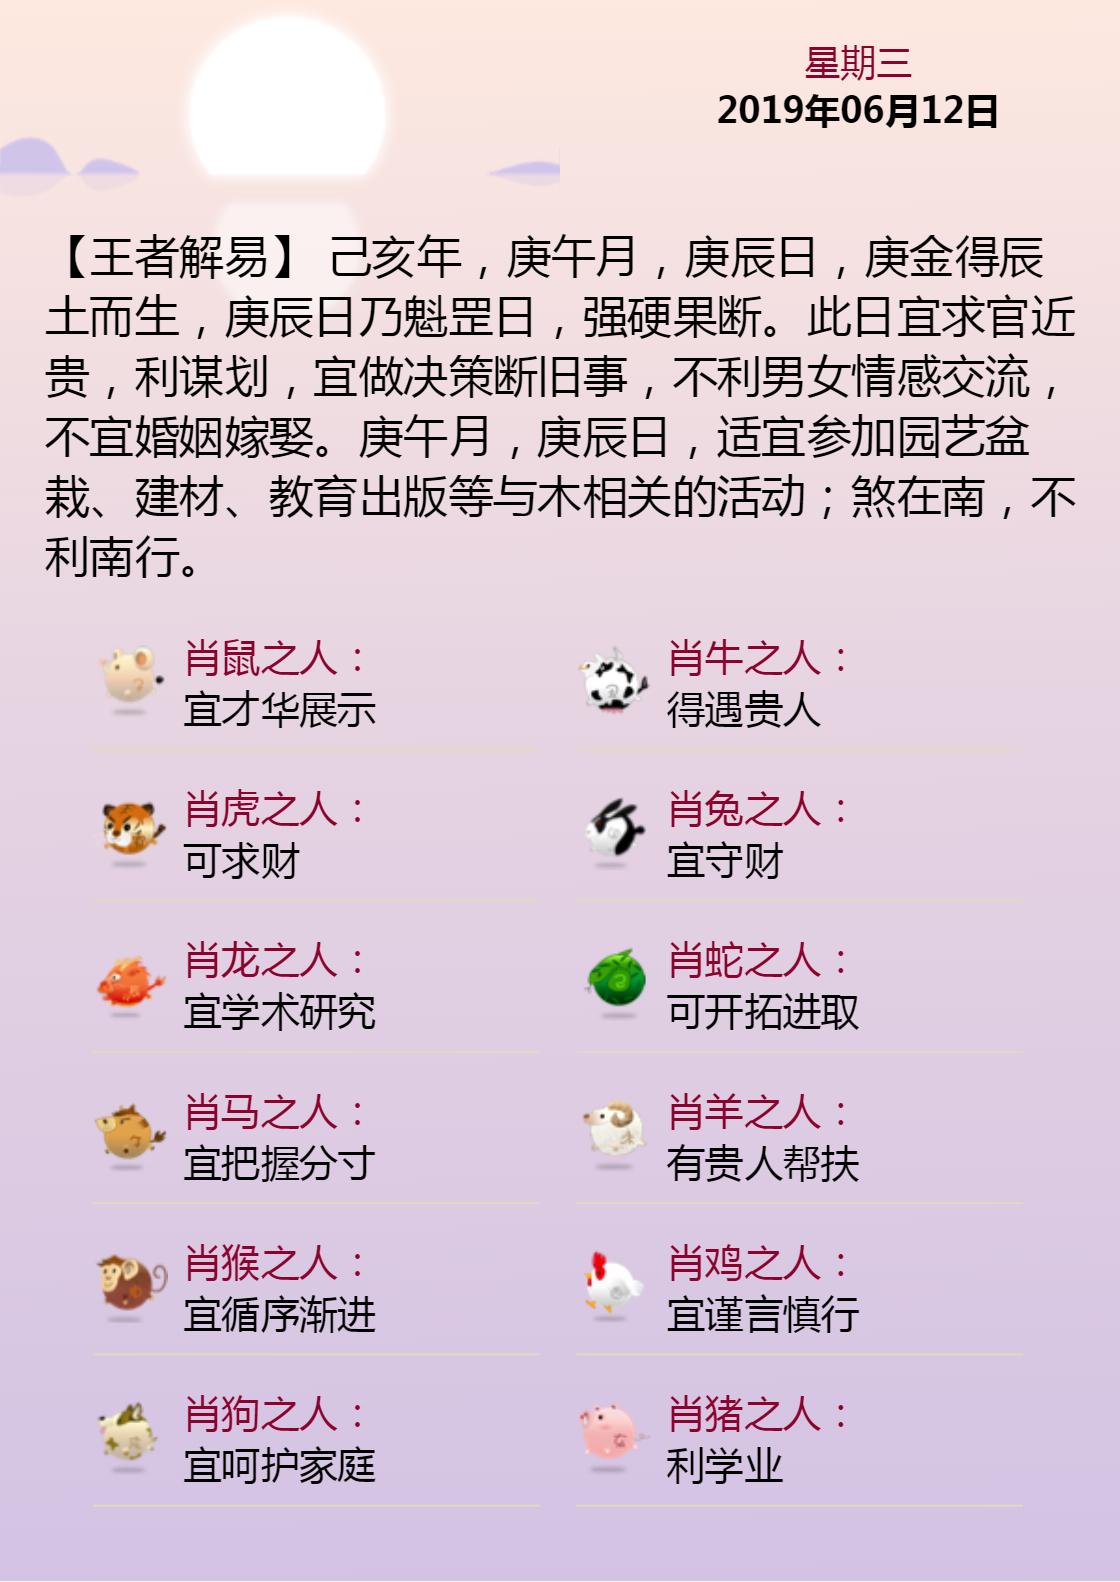 黄历海报20190612.png